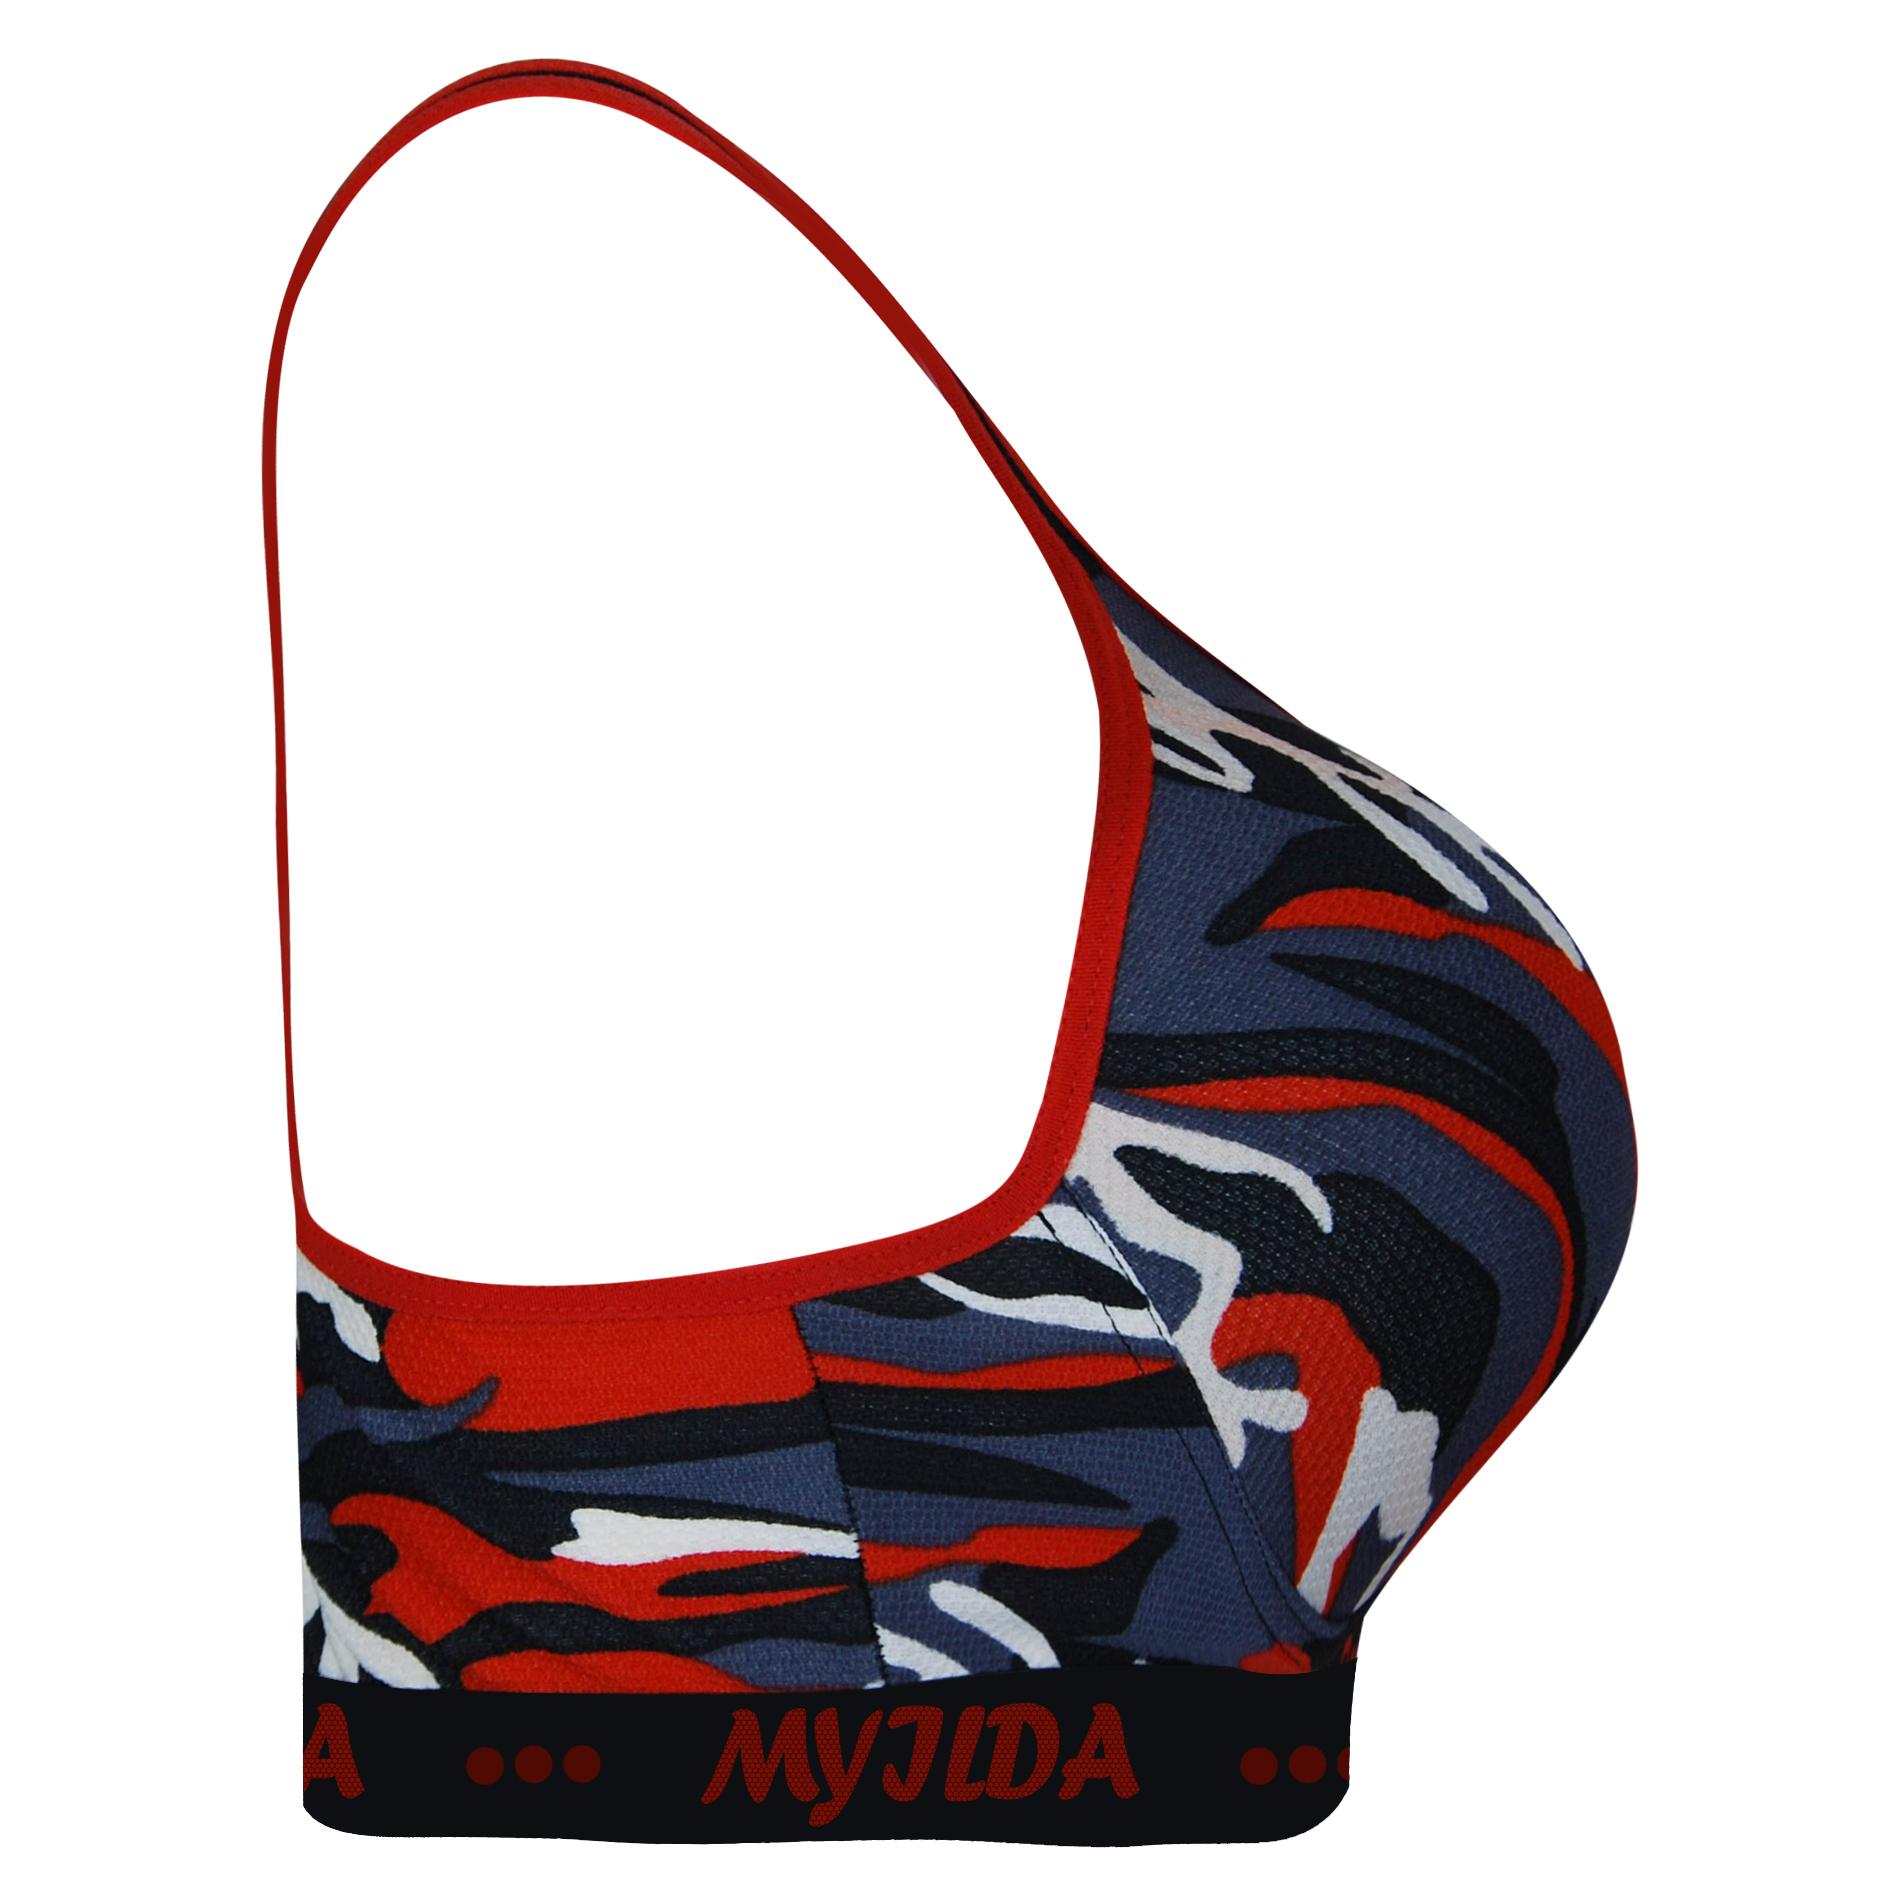 نیم تنه ورزشی زنانه ماییلدا مدل 3532-1 main 1 2